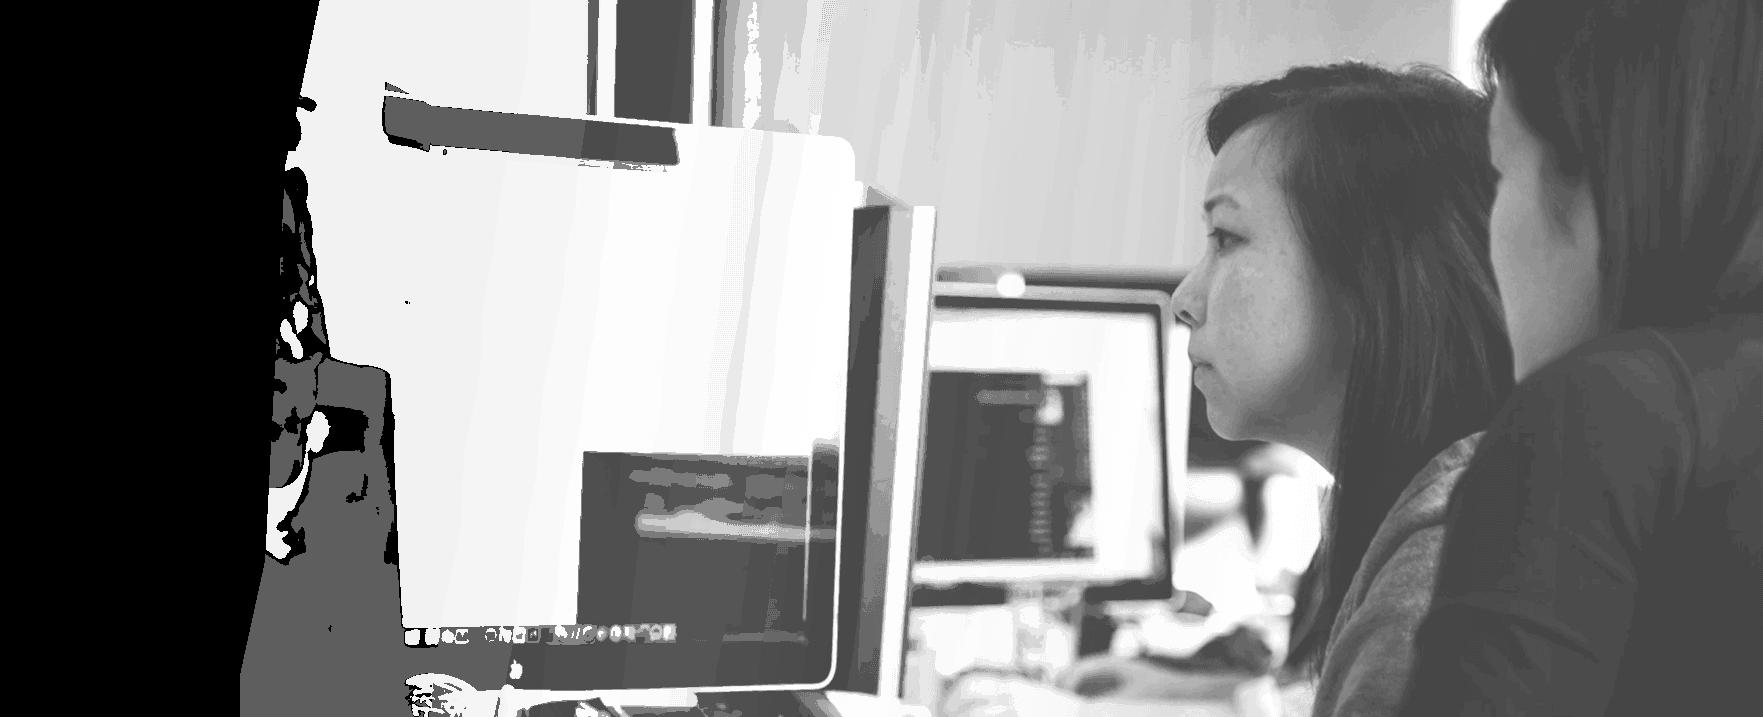 Xamarin App |  Cross-platform Development